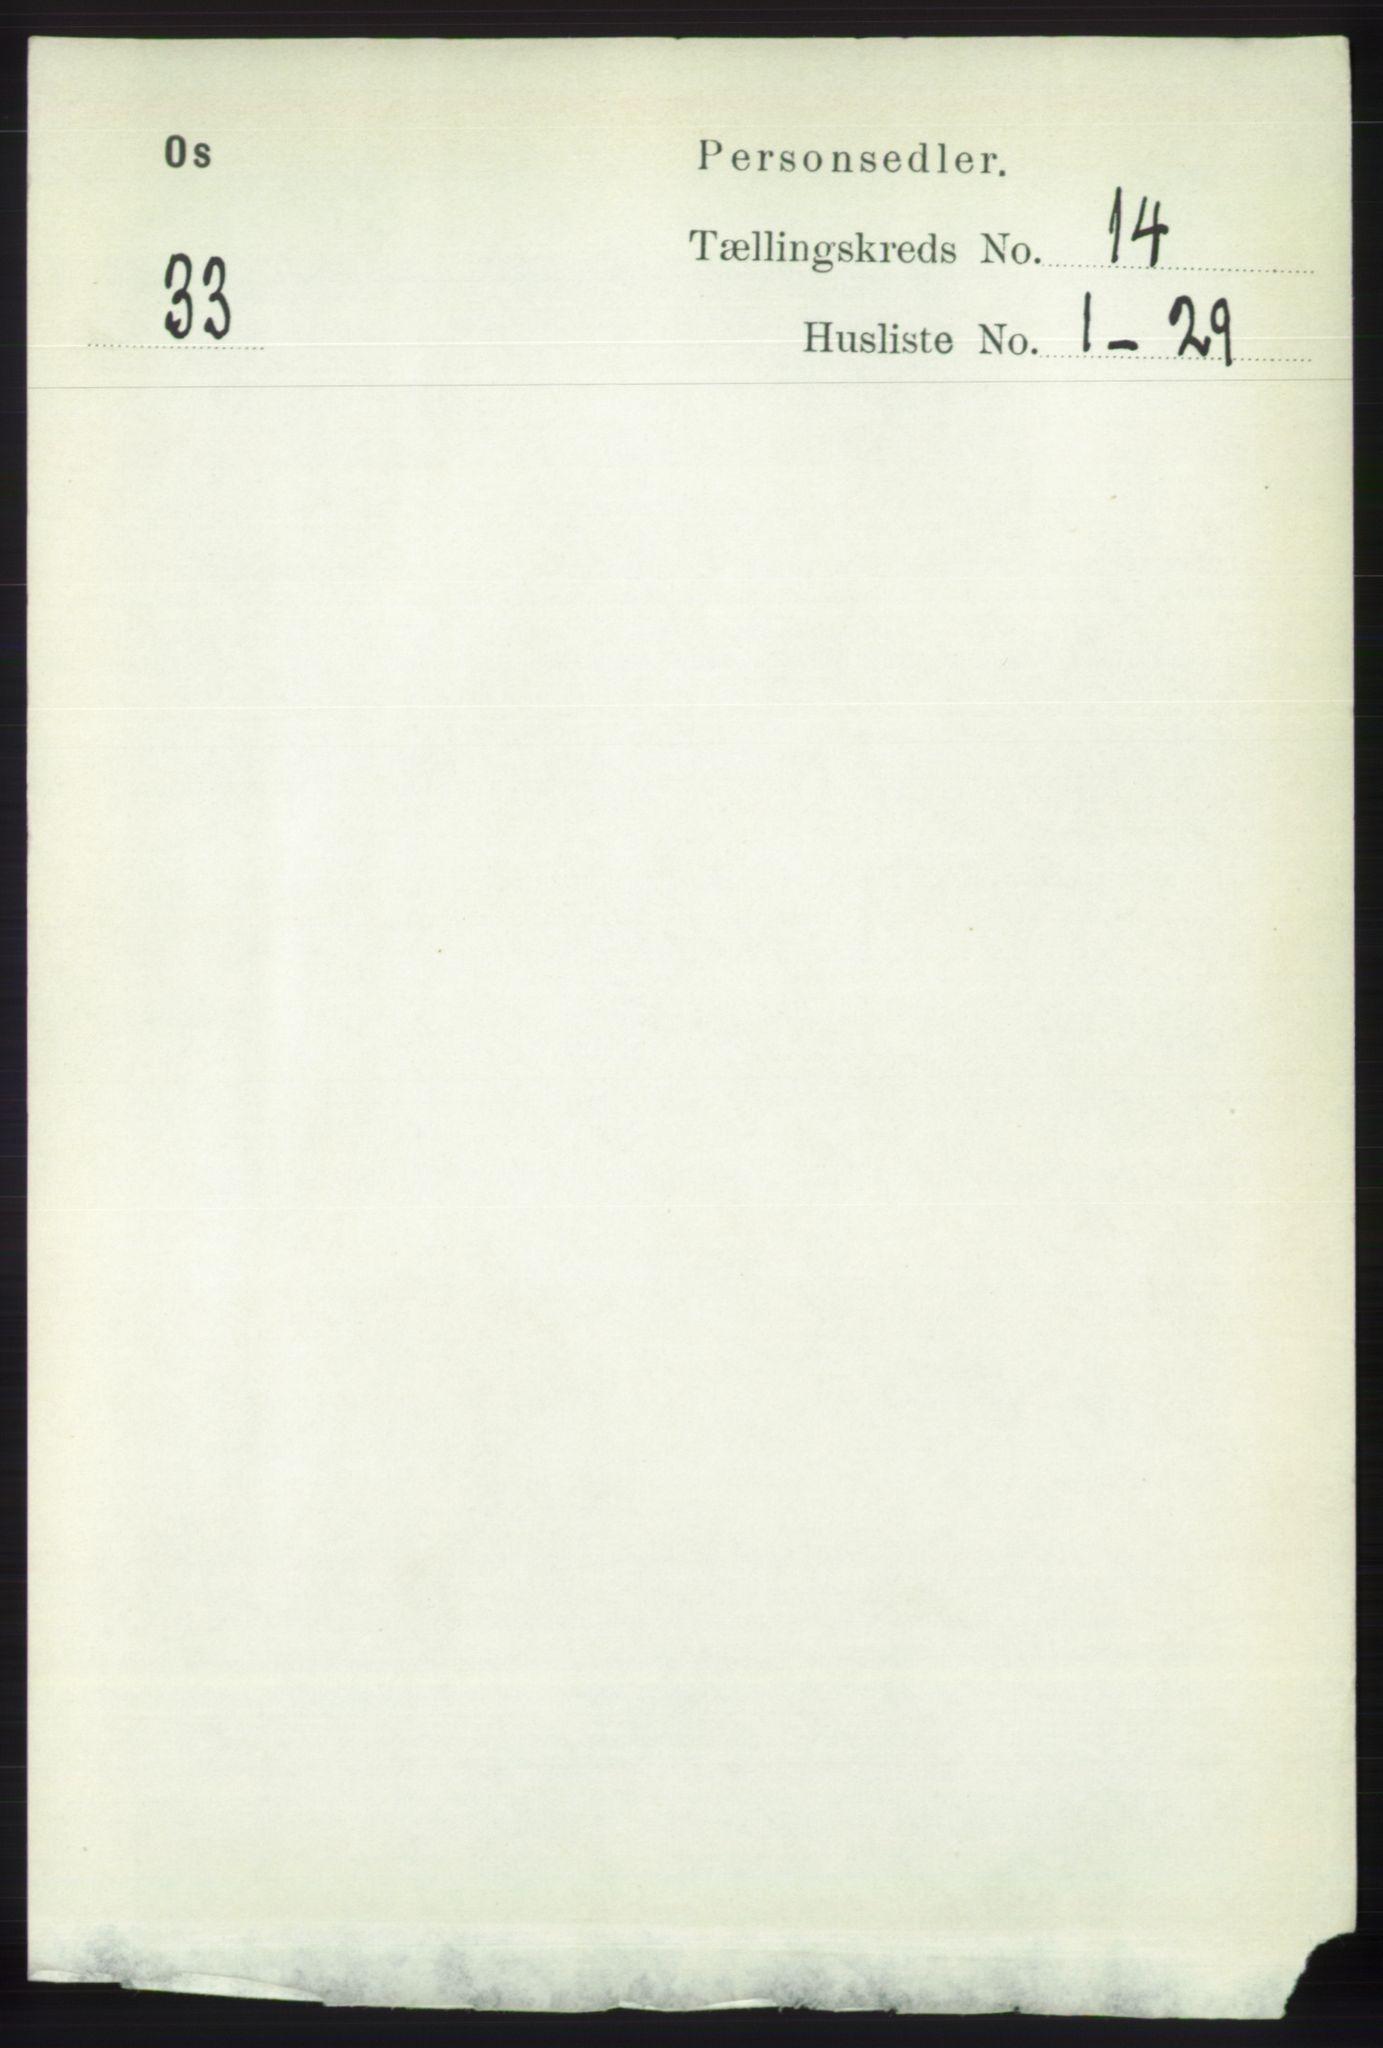 RA, Folketelling 1891 for 1243 Os herred, 1891, s. 3087